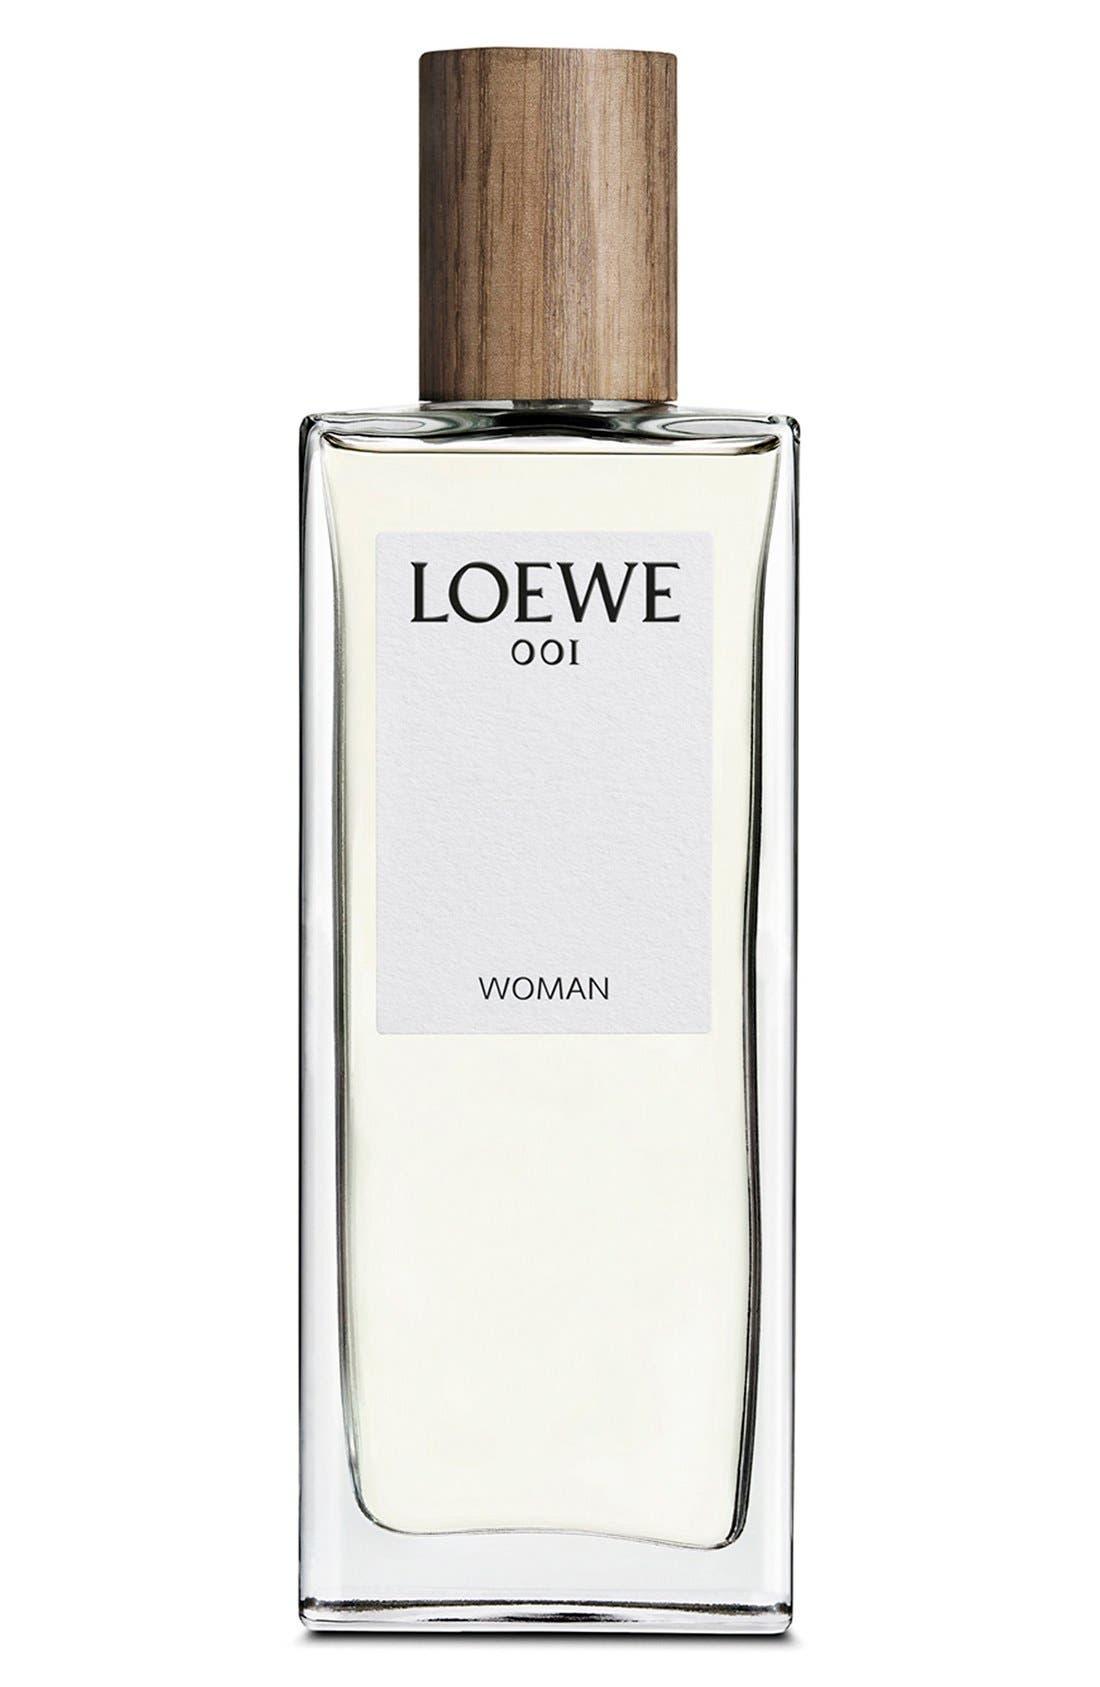 Loewe '001 Woman' Eau de Parfum